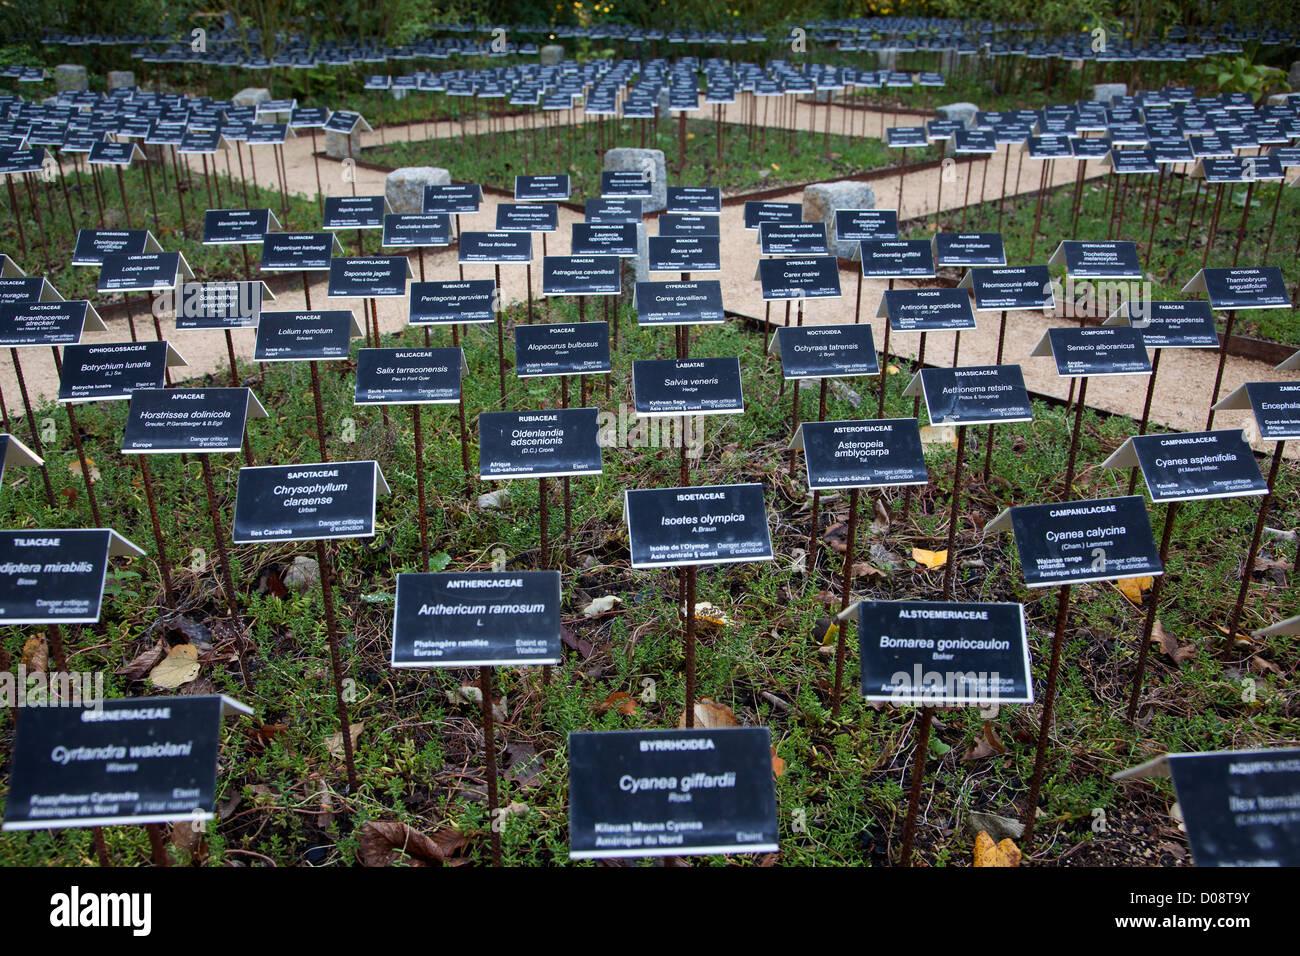 THE GARDEN DISAPPEARED PLANTS GARDENS FUTURE INTERNATIONAL FESTIVAL GARDENS 2011 CHATEAU DE CHAUMONT-SUR-LOIRE LOIR - Stock Image